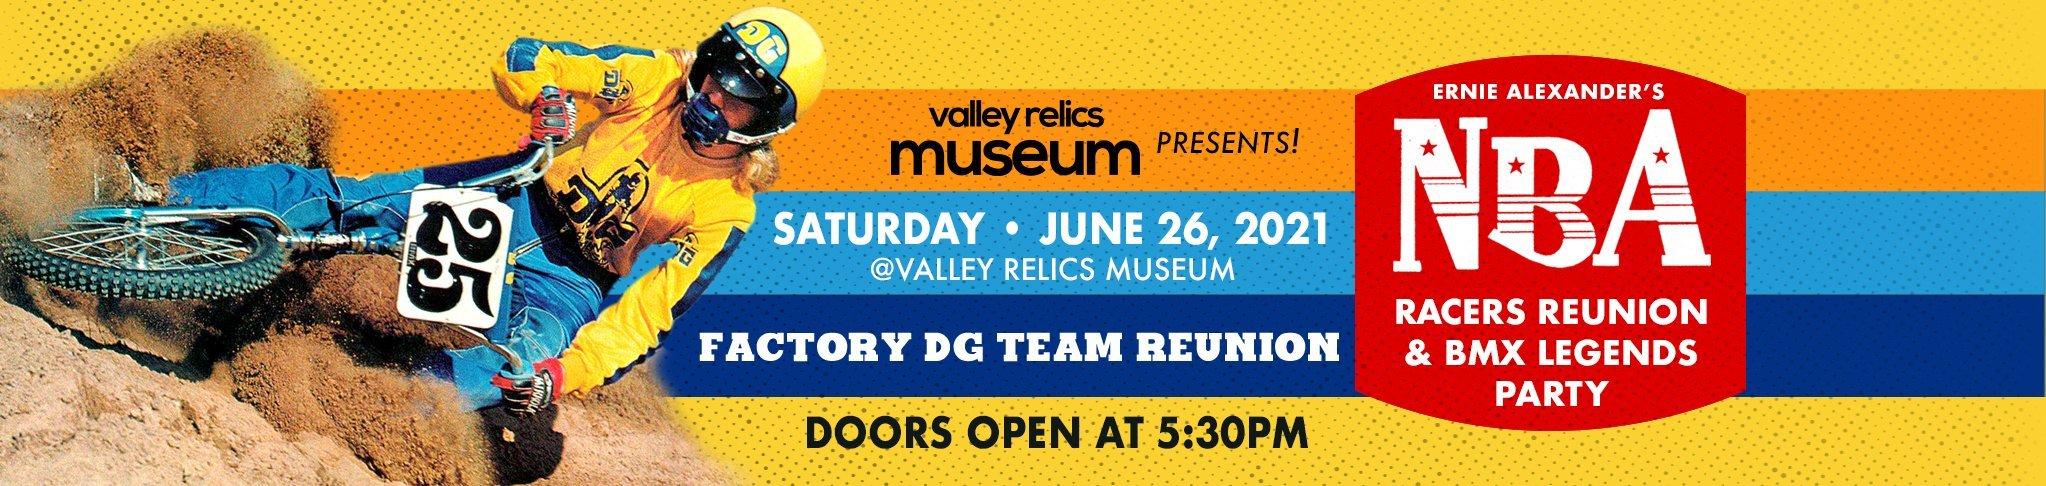 The 2021 NBA Racers Reunion & BMX Legends Party